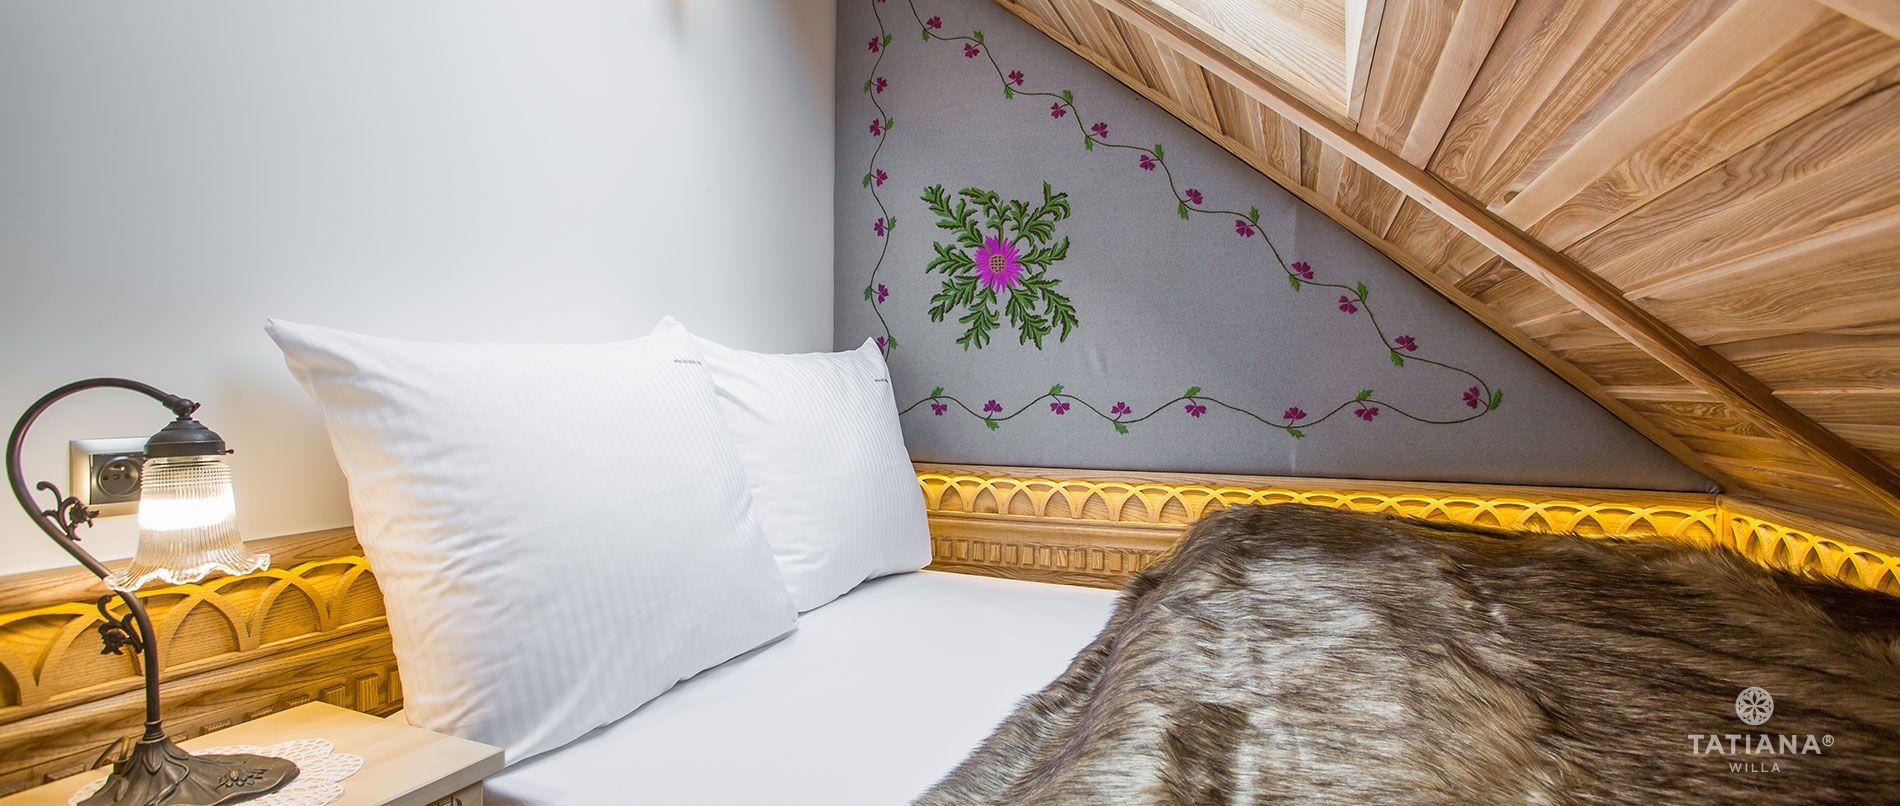 Tatra Apartment - Bedroom II